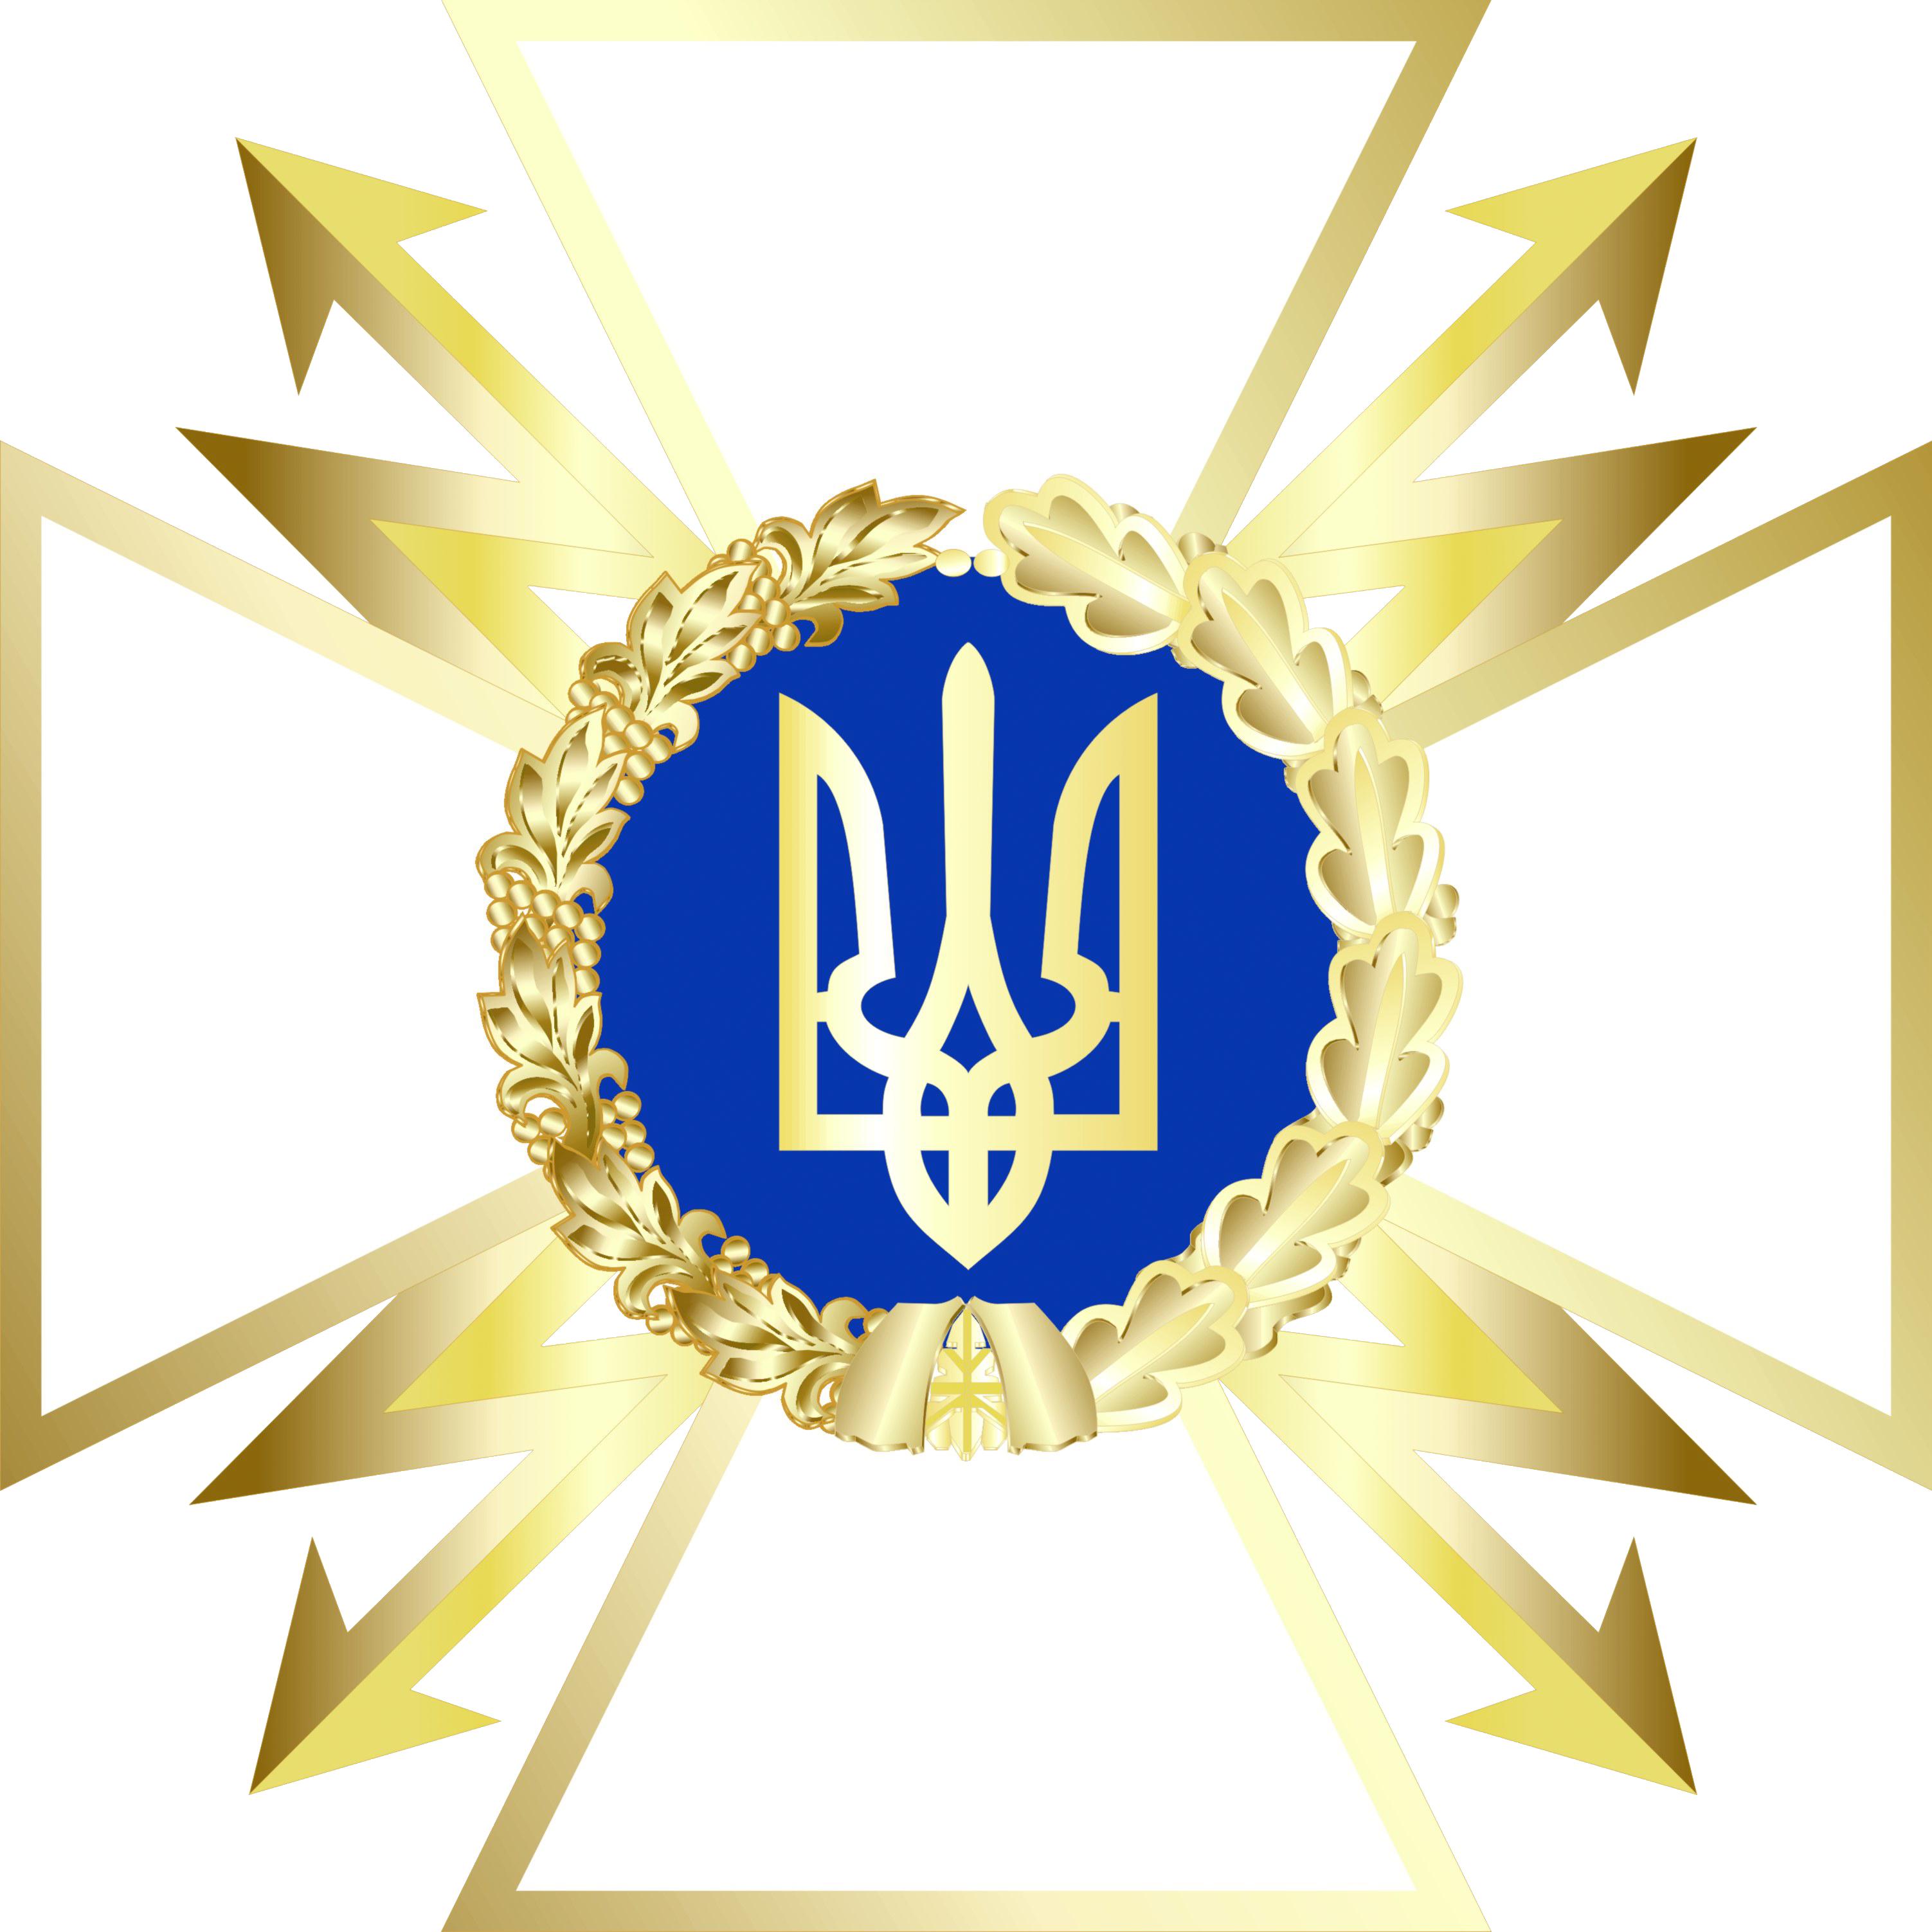 administratsiia-derzhavnoyi-sluzhby-spetsialnoho-zviazku-ta-zakhystu-informatsiyi-ukrayiny